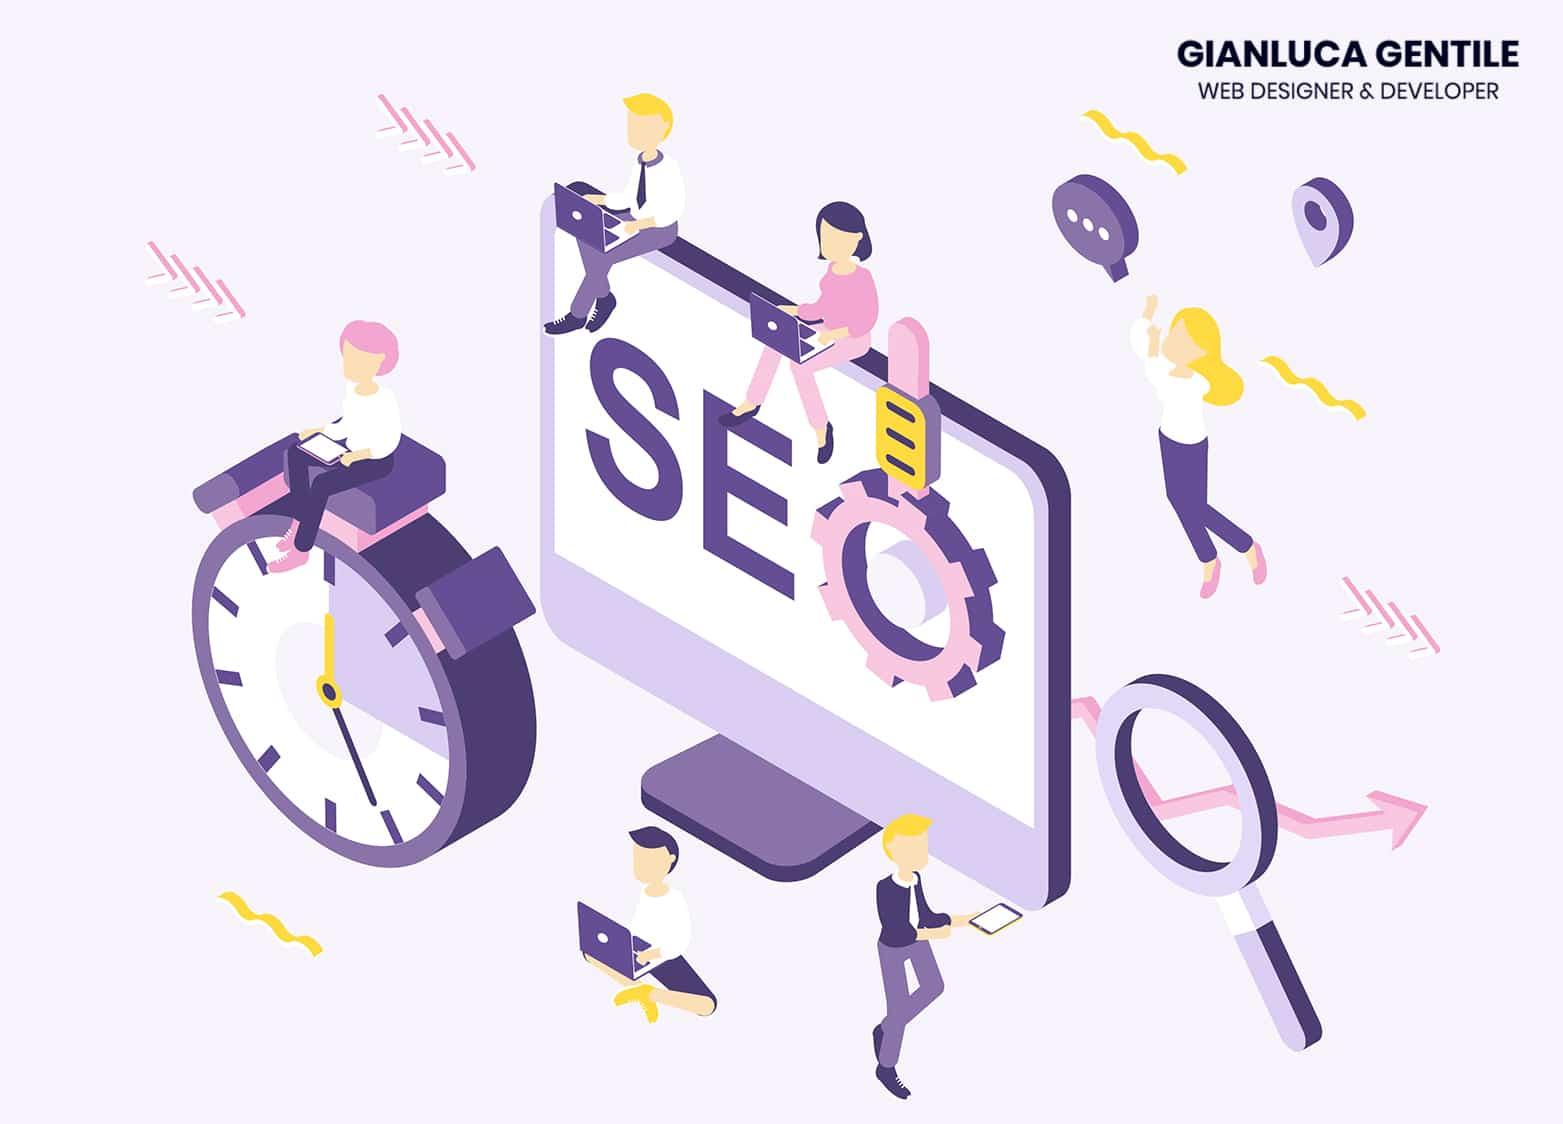 lunghezza titoli delle pagine - Seo Gianluca Gentile - Lunghezza titoli delle pagine migliorata da Google